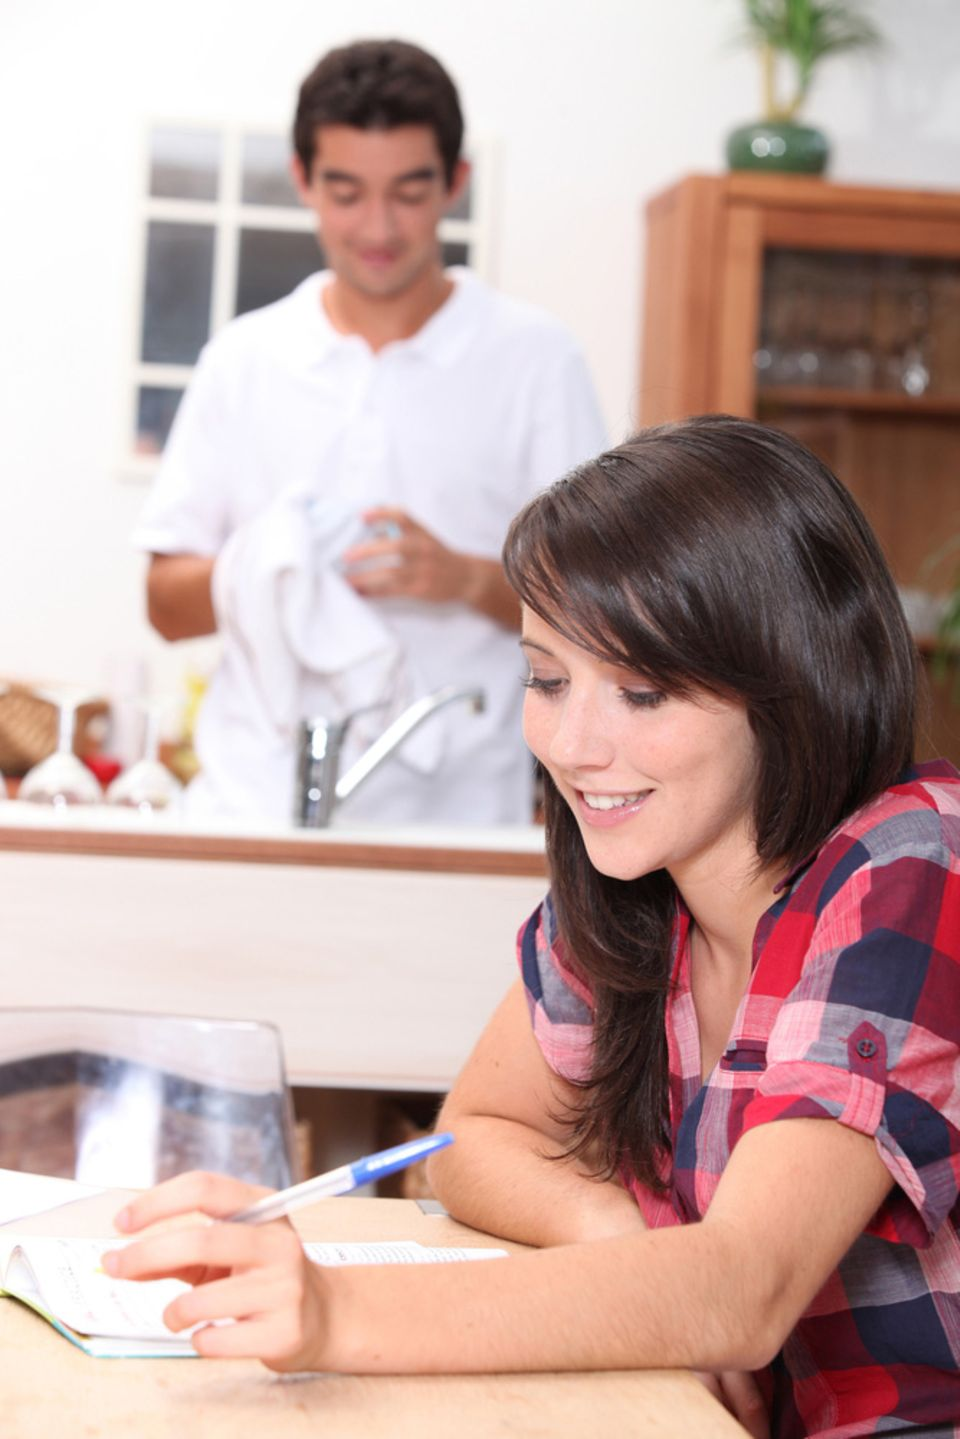 Essensplanung: spart Zeit und macht Appetit auf das, was kommt